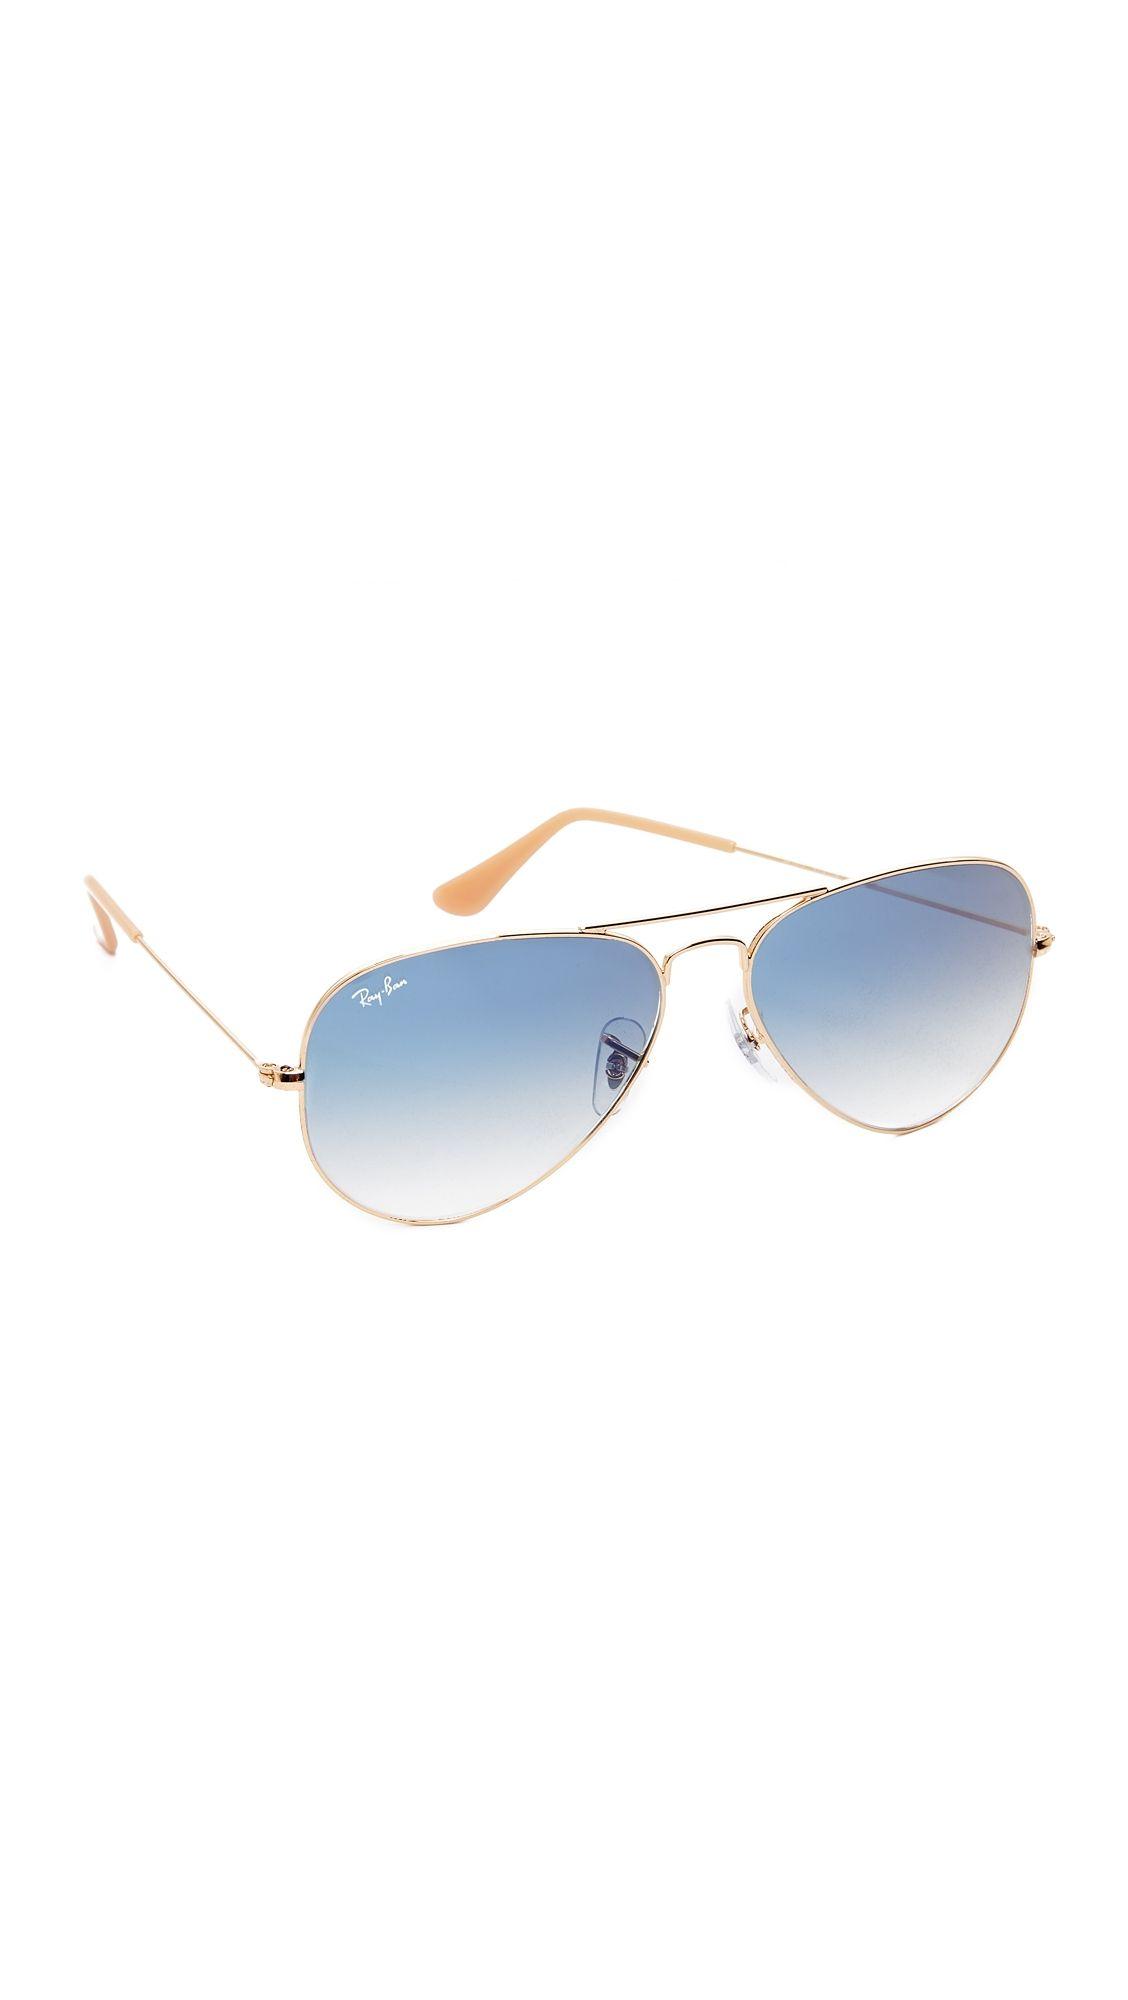 912701d0d2c Aviator Sunglasses in 2018